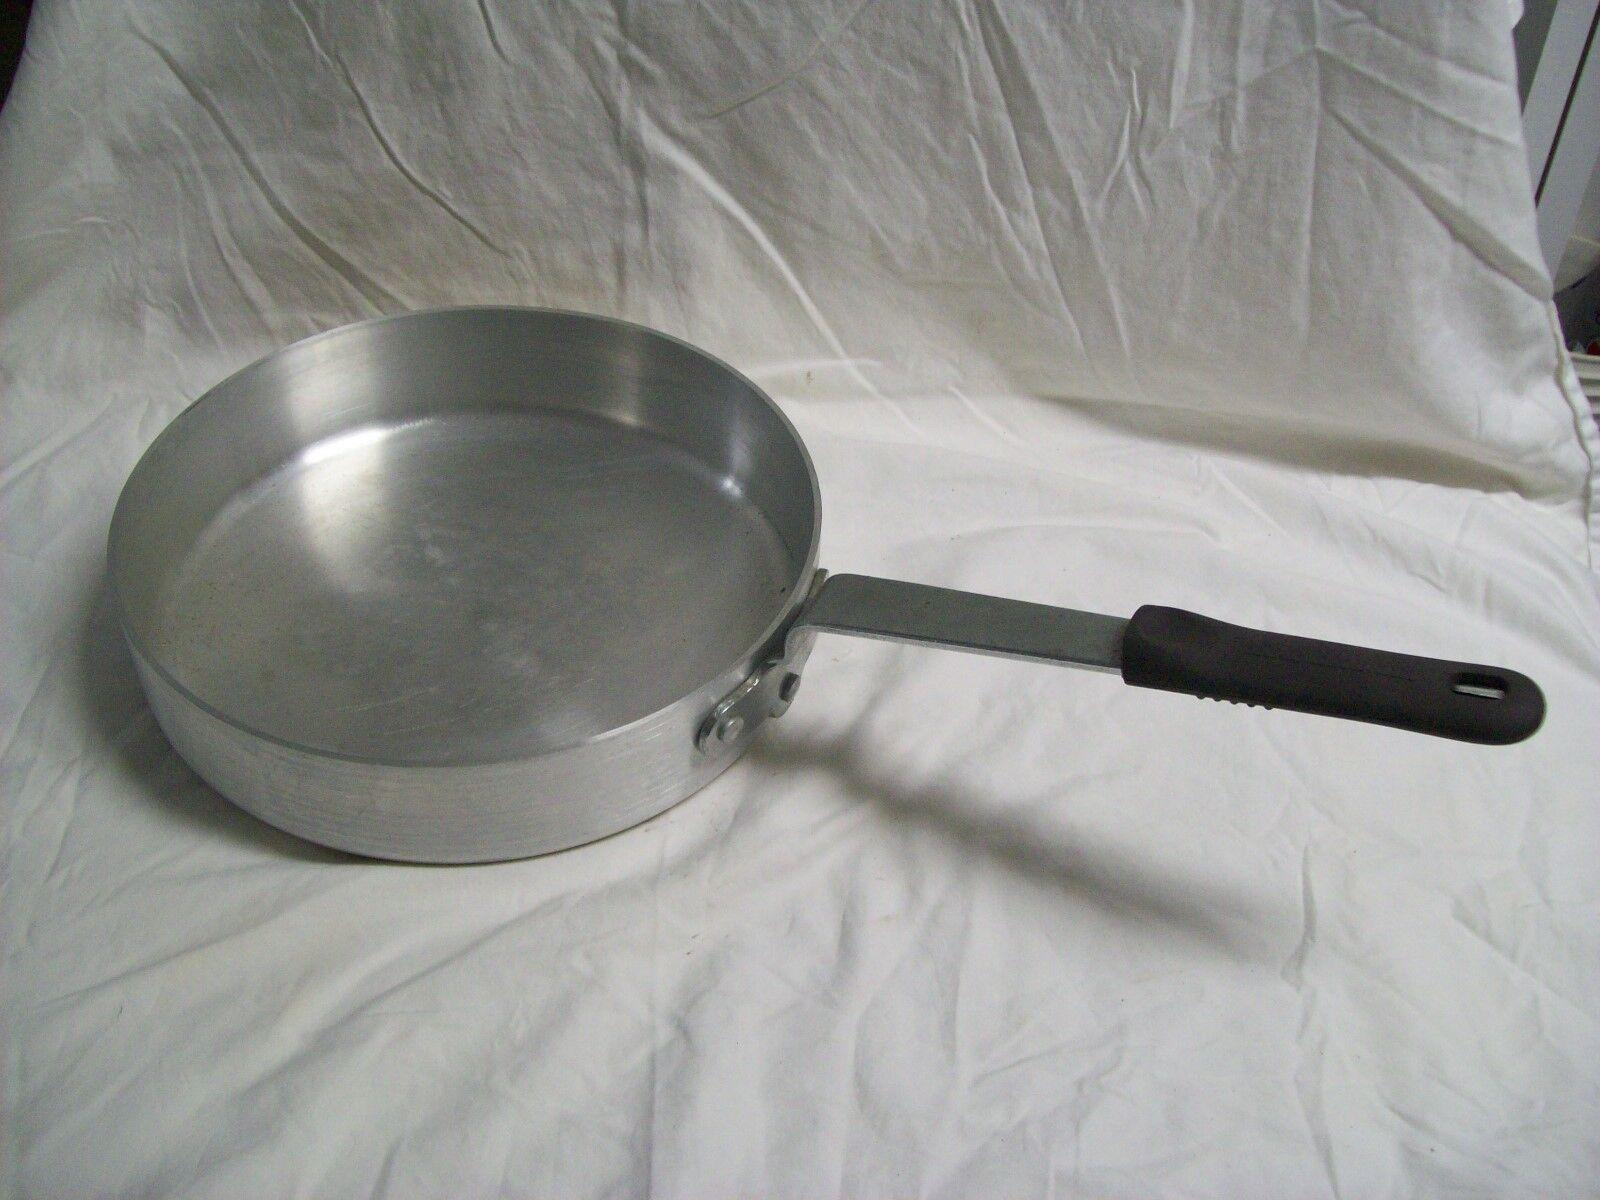 Eagleware Heavy Duty Aluminum 12  Saute Pan avec poignée en caoutchouc poignée EW-P5